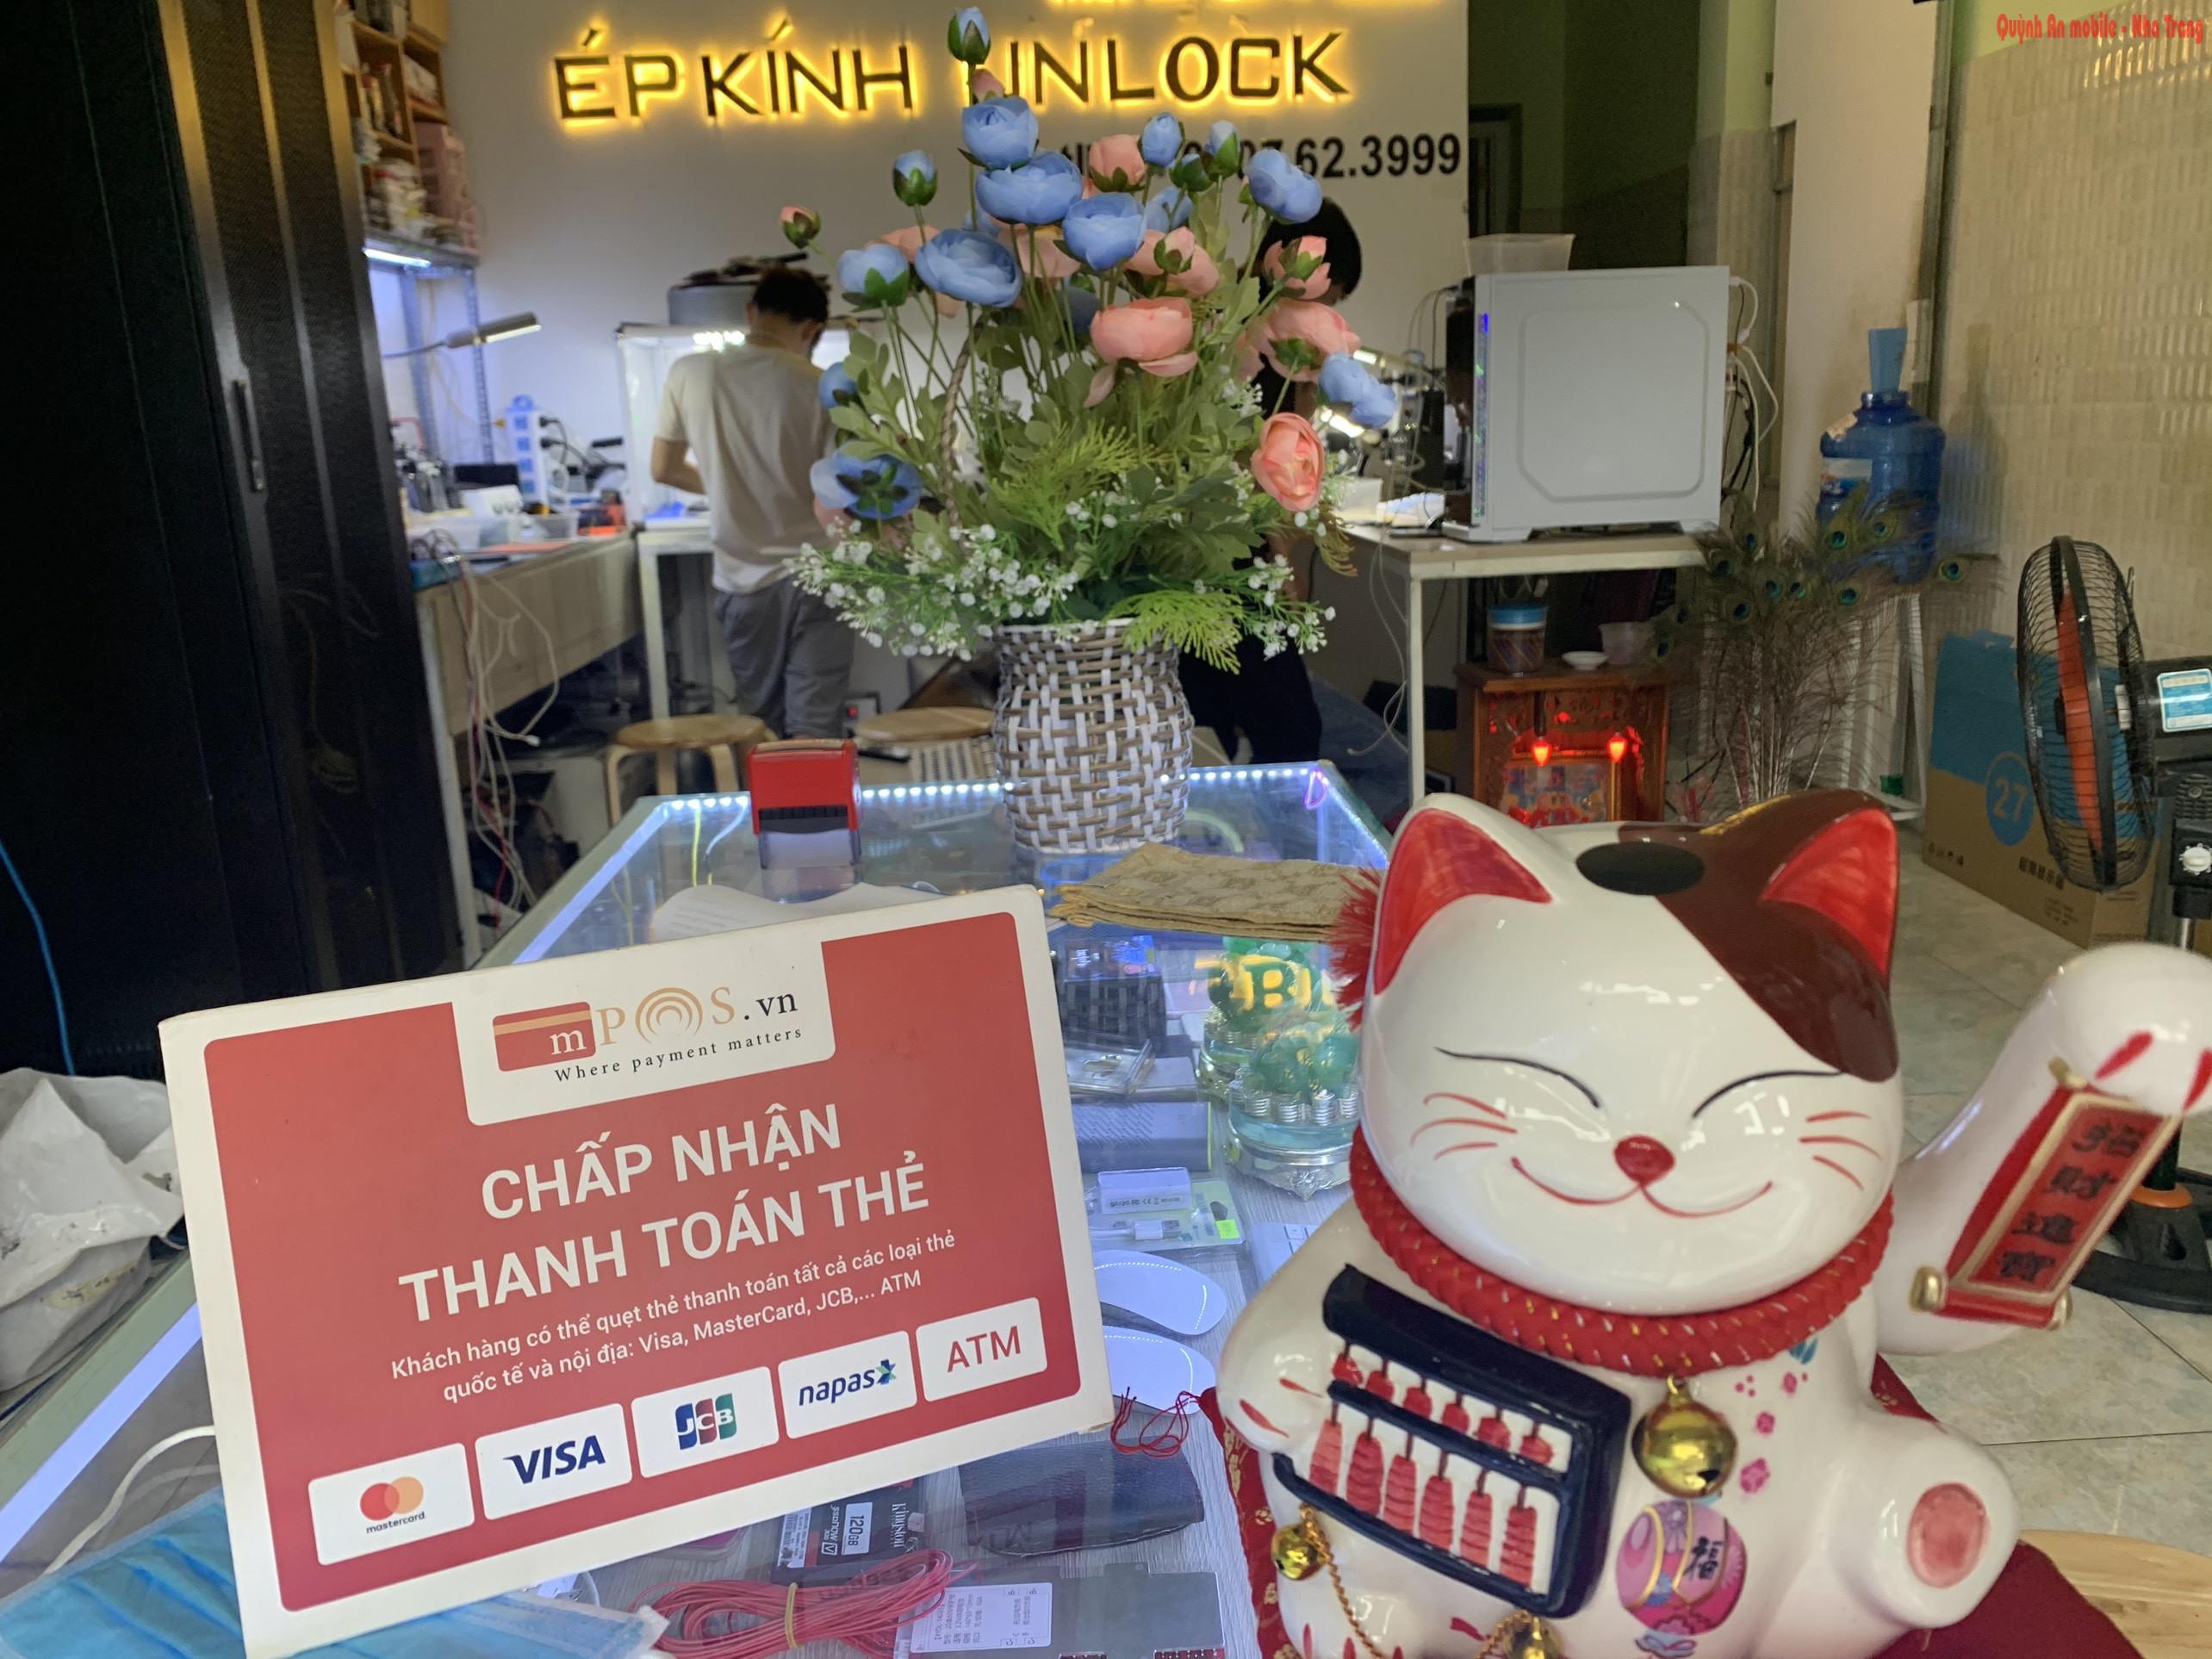 ep-kinh-dien-thoai-nha-trang-lay-lien-co-bao-hanh-an-khang-mobile-47e76749730e44cd1.jpg